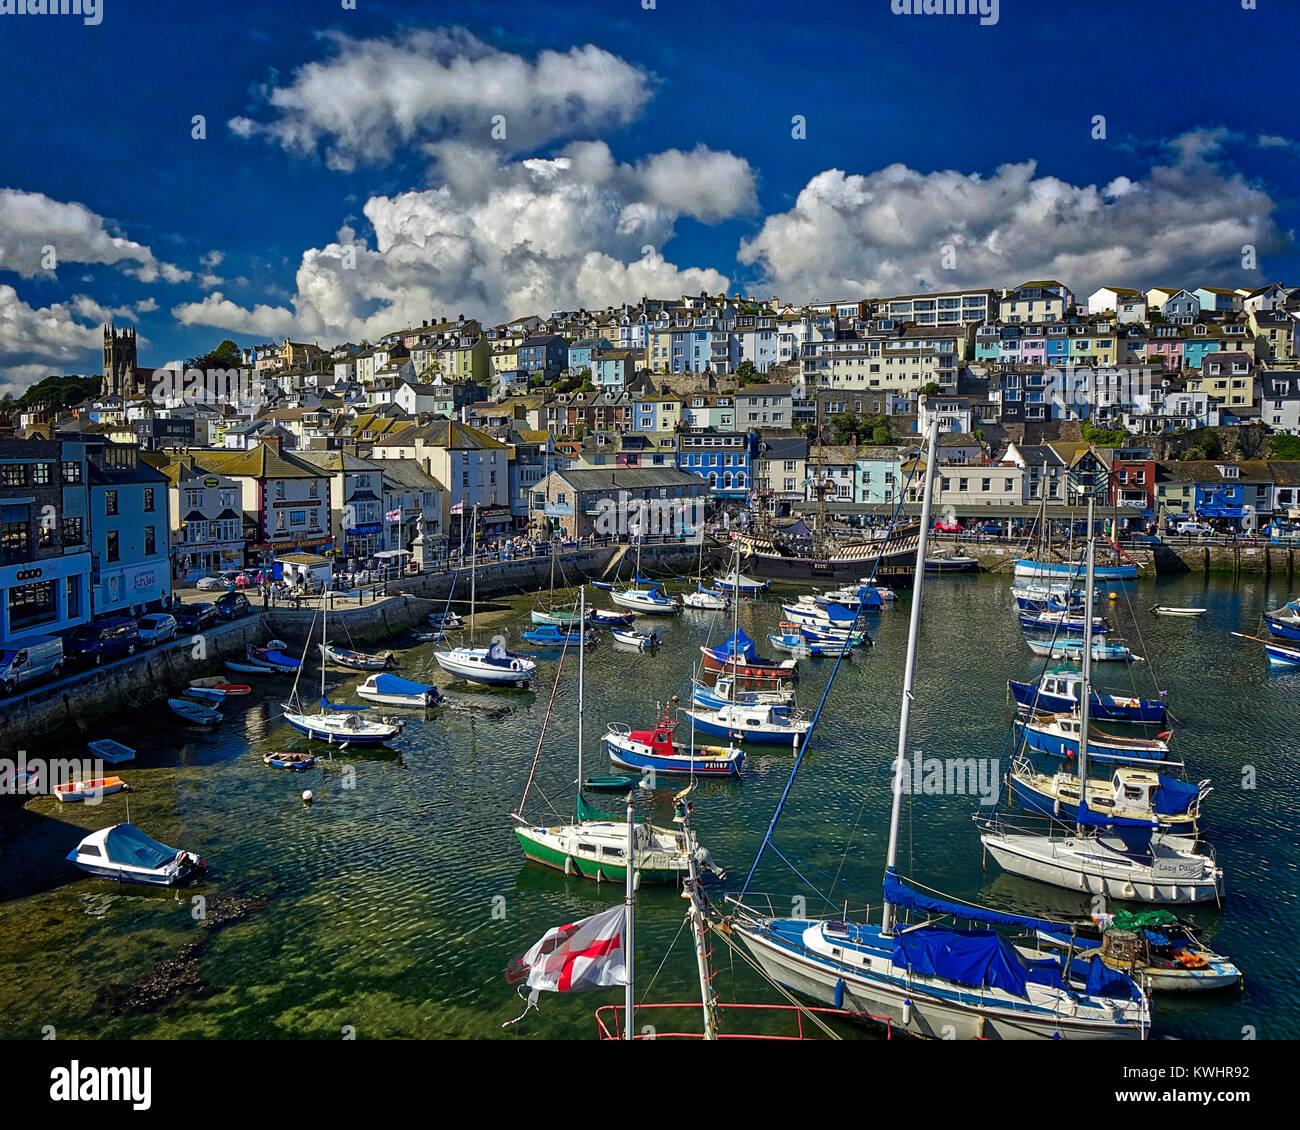 De - Devon: Hafen von Brixham (HDR-Bild) Stockbild